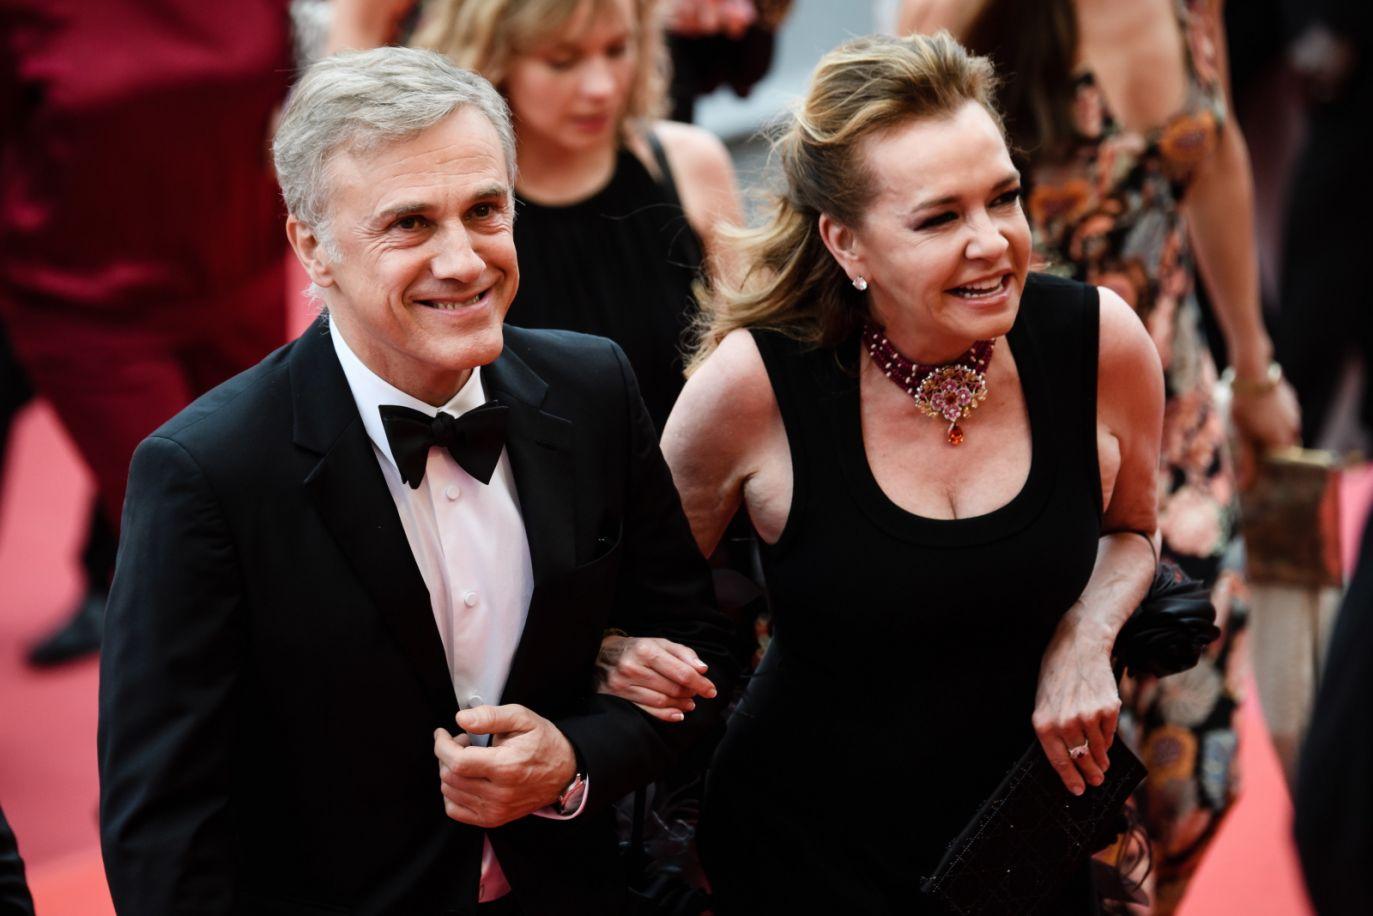 Christoph Waltz i Caroline Scheufele przybywają na Festiwal Filmowy w Cannes (fot. PAP/EPA/CLEMENS BILAN)